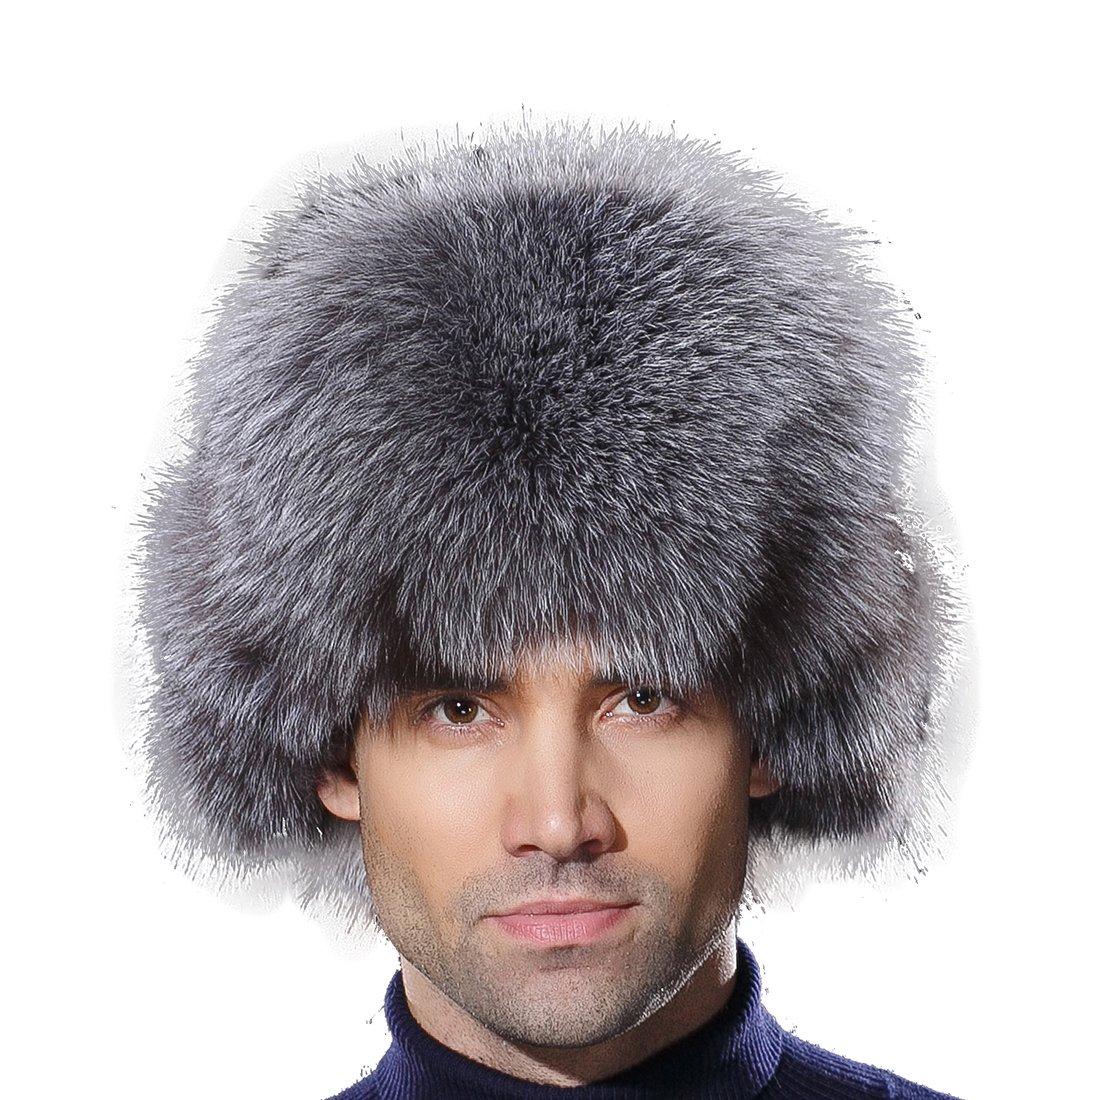 URSFUR Winter Russian Fur Hat Mens Real Silver Blue Fox Fur Ushanka Trapper Cap by URSFUR